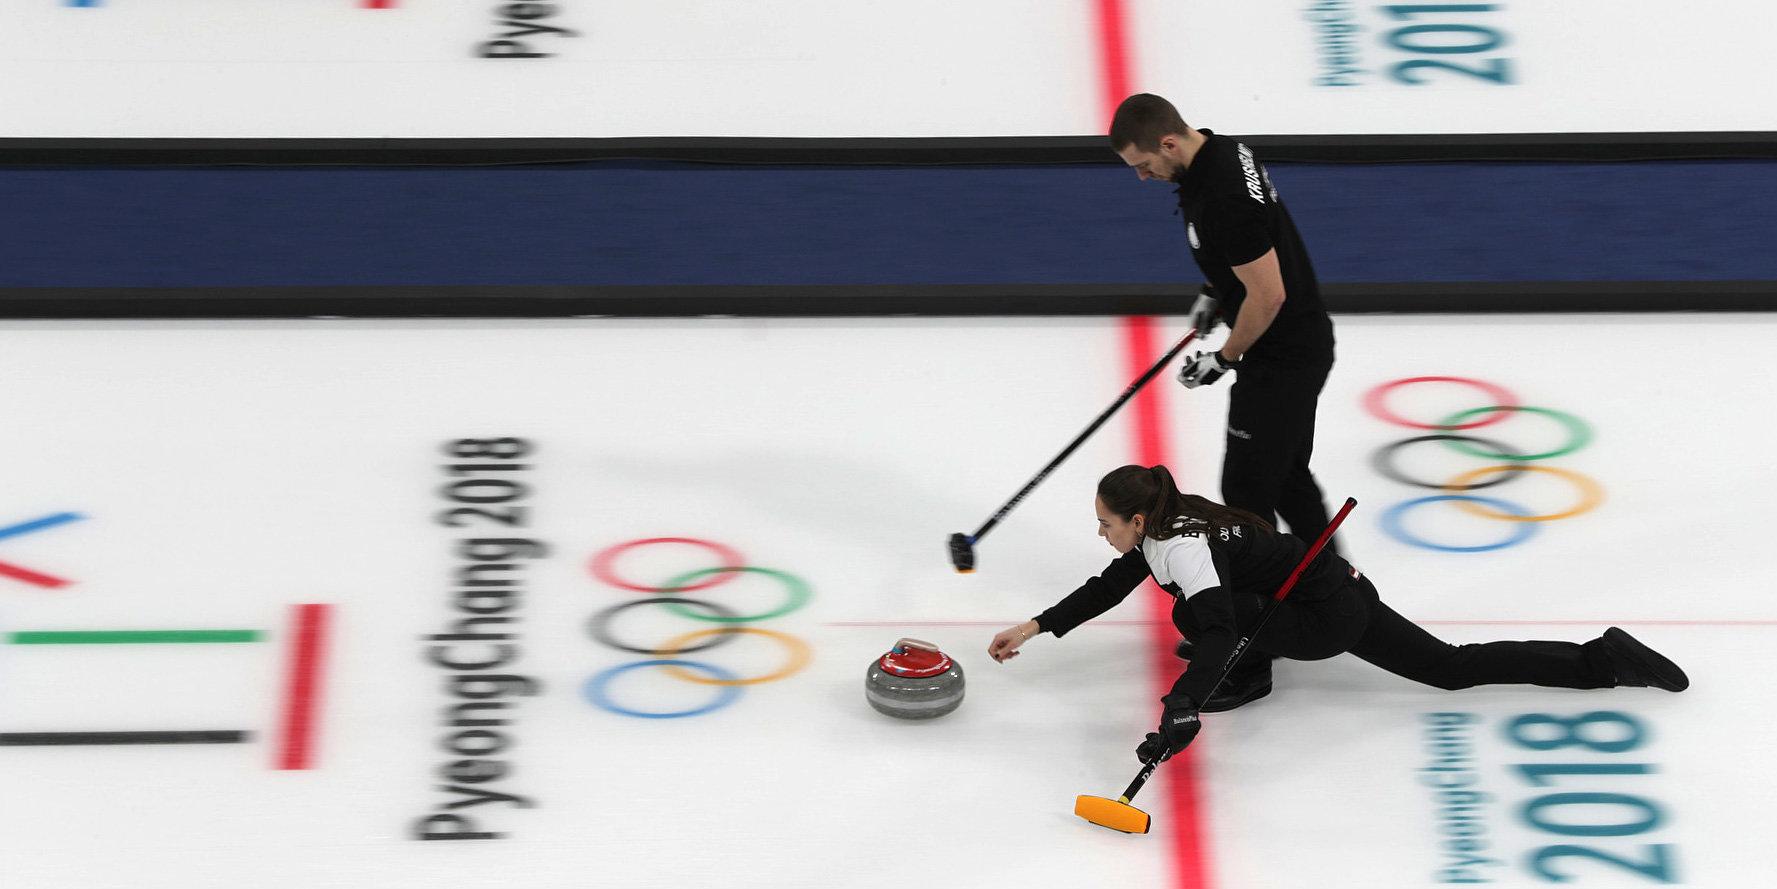 МОК расследует допинговое дело керлингиста Крушельницкого вконце Олимпиады